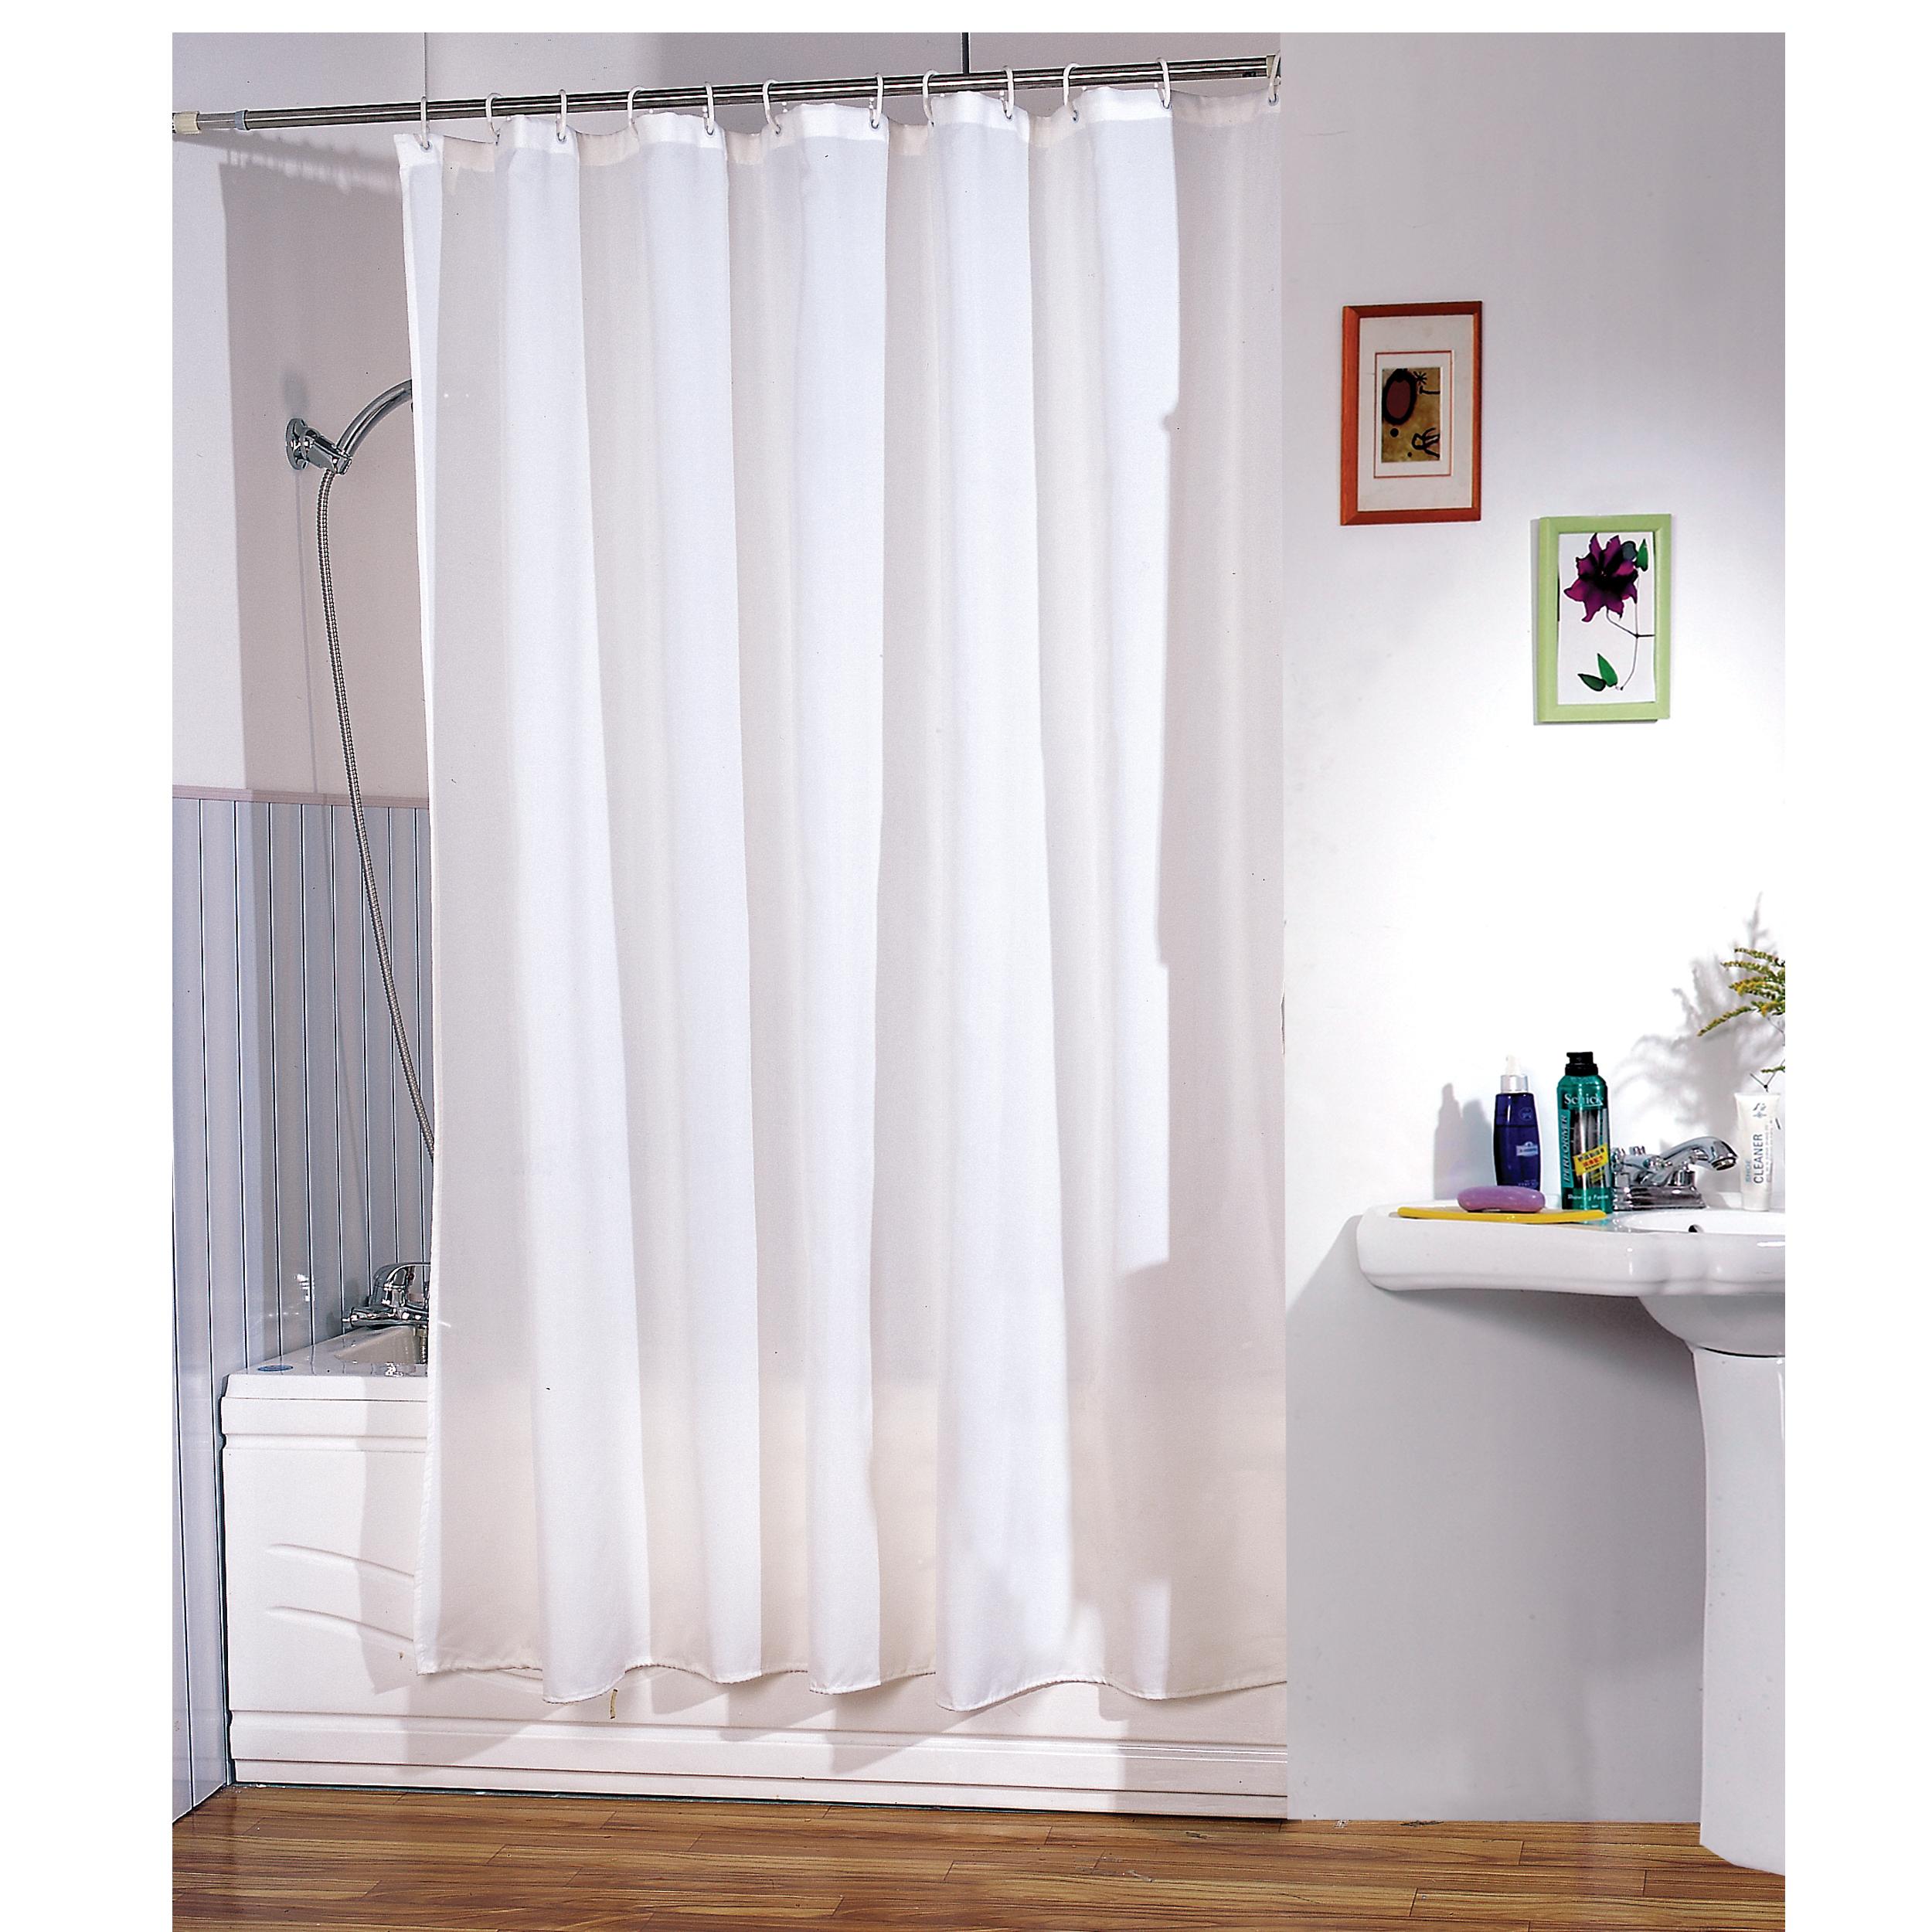 MSV Duschvorhang 180x200cm Anti Schimmel Textil Badewannenvorhang Wannenvorhang Weiß